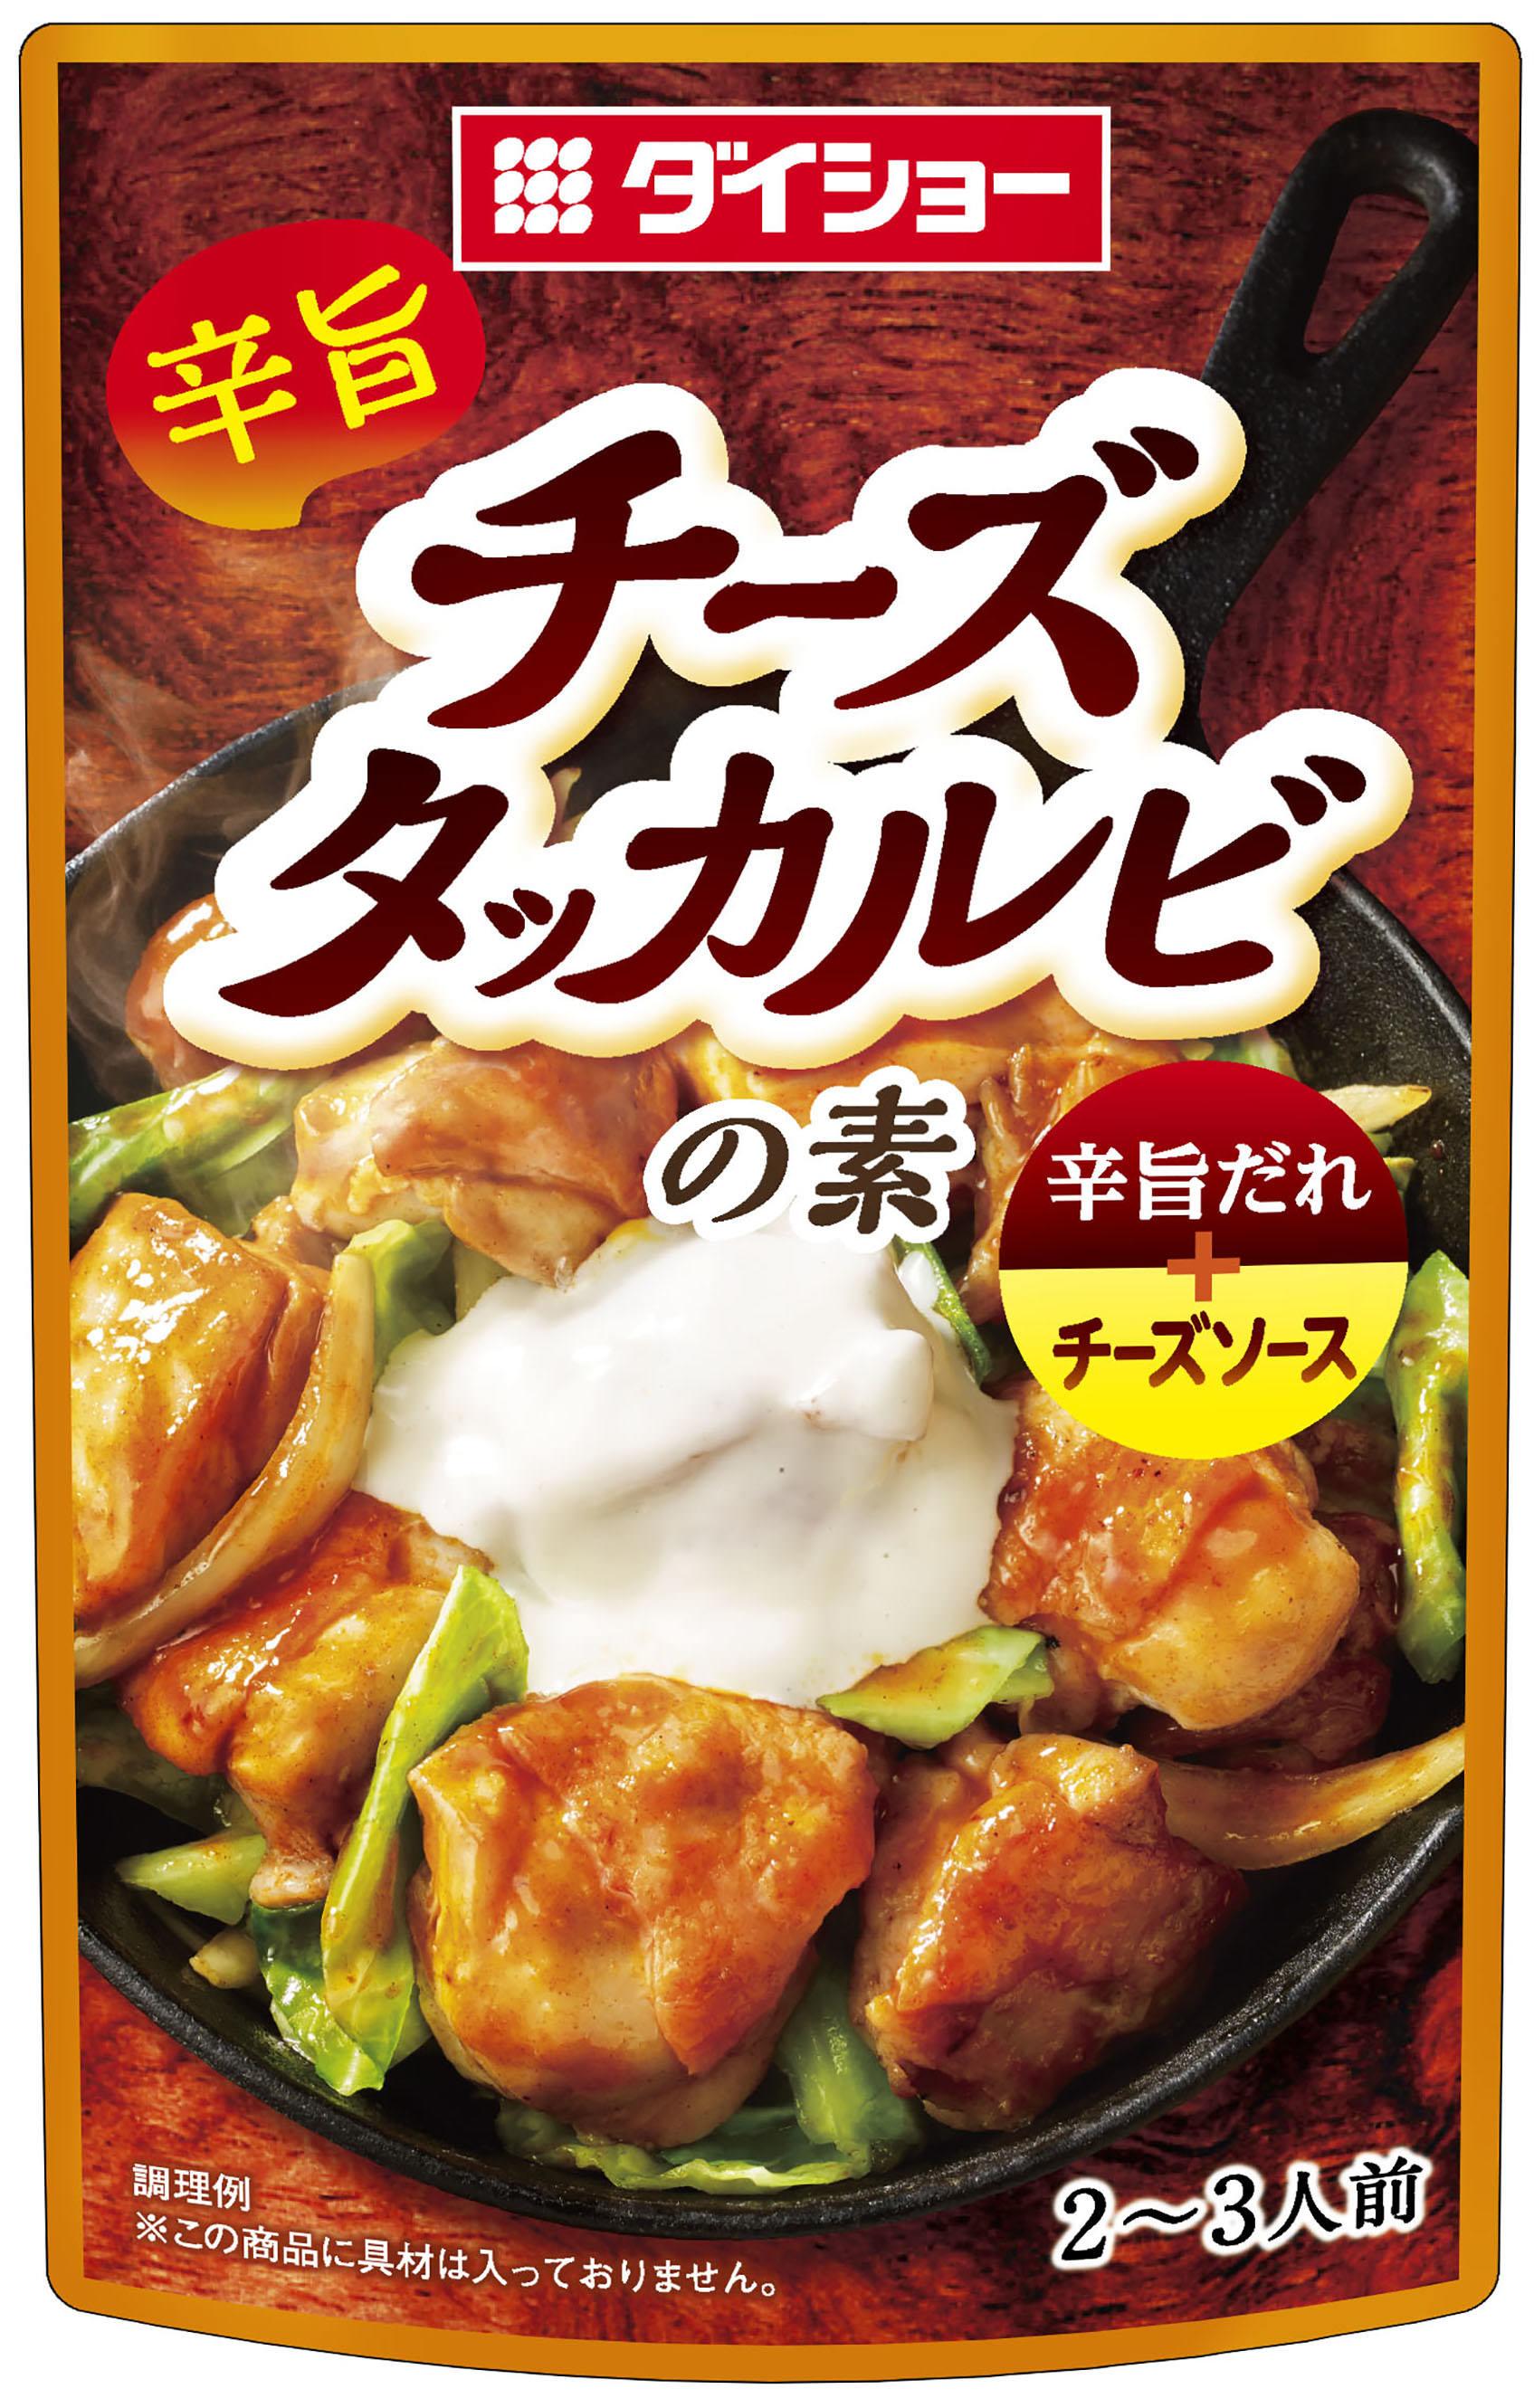 東京・新大久保で生まれた韓国メニューがご家庭でも  『チーズタッカルビの素』新発売  「辛旨だれ」と「チーズソース」で簡単クッキング